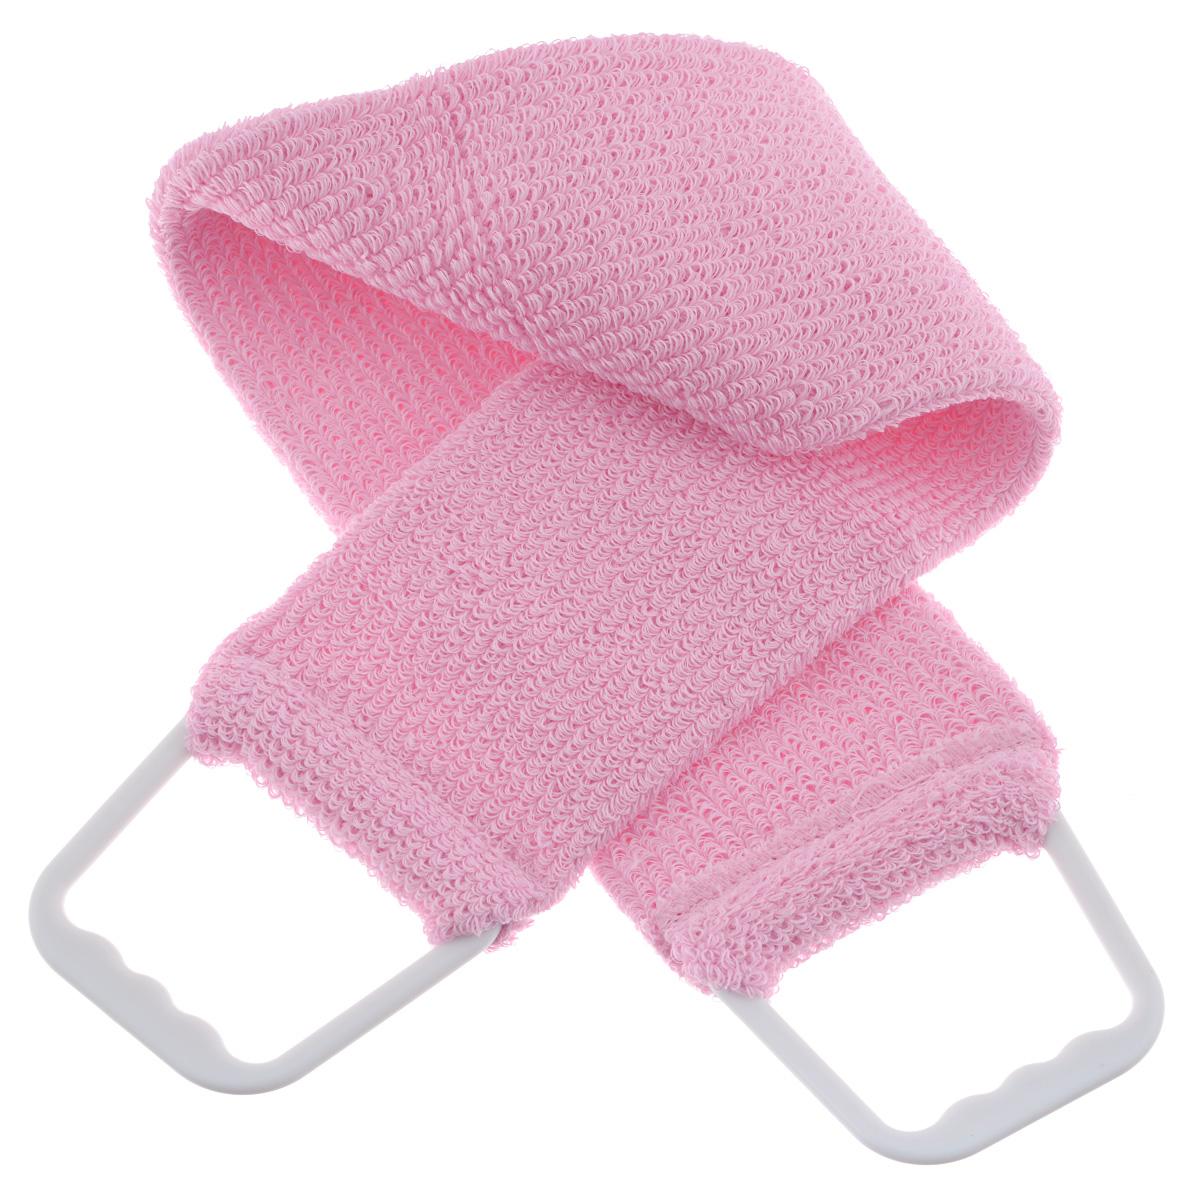 Мочалка 103, цвет: розовый103 розовыйМочалка-пояс Riffi используется для мытья тела, обладает активным пилинговым действием, тонизируя, массируя и эффективно очищая вашу кожу. Хлопковая основа придает мочалке высокие моющие свойства, а примесь жестких синтетических волокон усиливает ее массажное воздействие на кожу. Для удобства применения пояс снабжен двумя пластиковыми ручками. Благодаря отшелушивающему эффекту мочалки-пояса, кожа освобождается от отмерших клеток, становится гладкой, упругой и свежей. Массаж тела с применением Riffi стимулирует кровообращение, активирует кровоснабжение, способствует обмену веществ, что в свою очередь позволяет себя чувствовать бодрым и отдохнувшим после принятия душа или ванны. Riffi регенерирует кожу, делает ее приятно нежной, мягкой и лучше готовой к принятию косметических средств. Приносит приятное расслабление всему организму. Борется со спазмами и болями в мышцах, предупреждает образование целлюлита и обеспечивает омолаживающий эффект. Моет легко и энергично. Быстро сохнет. Гипоаллергенная.